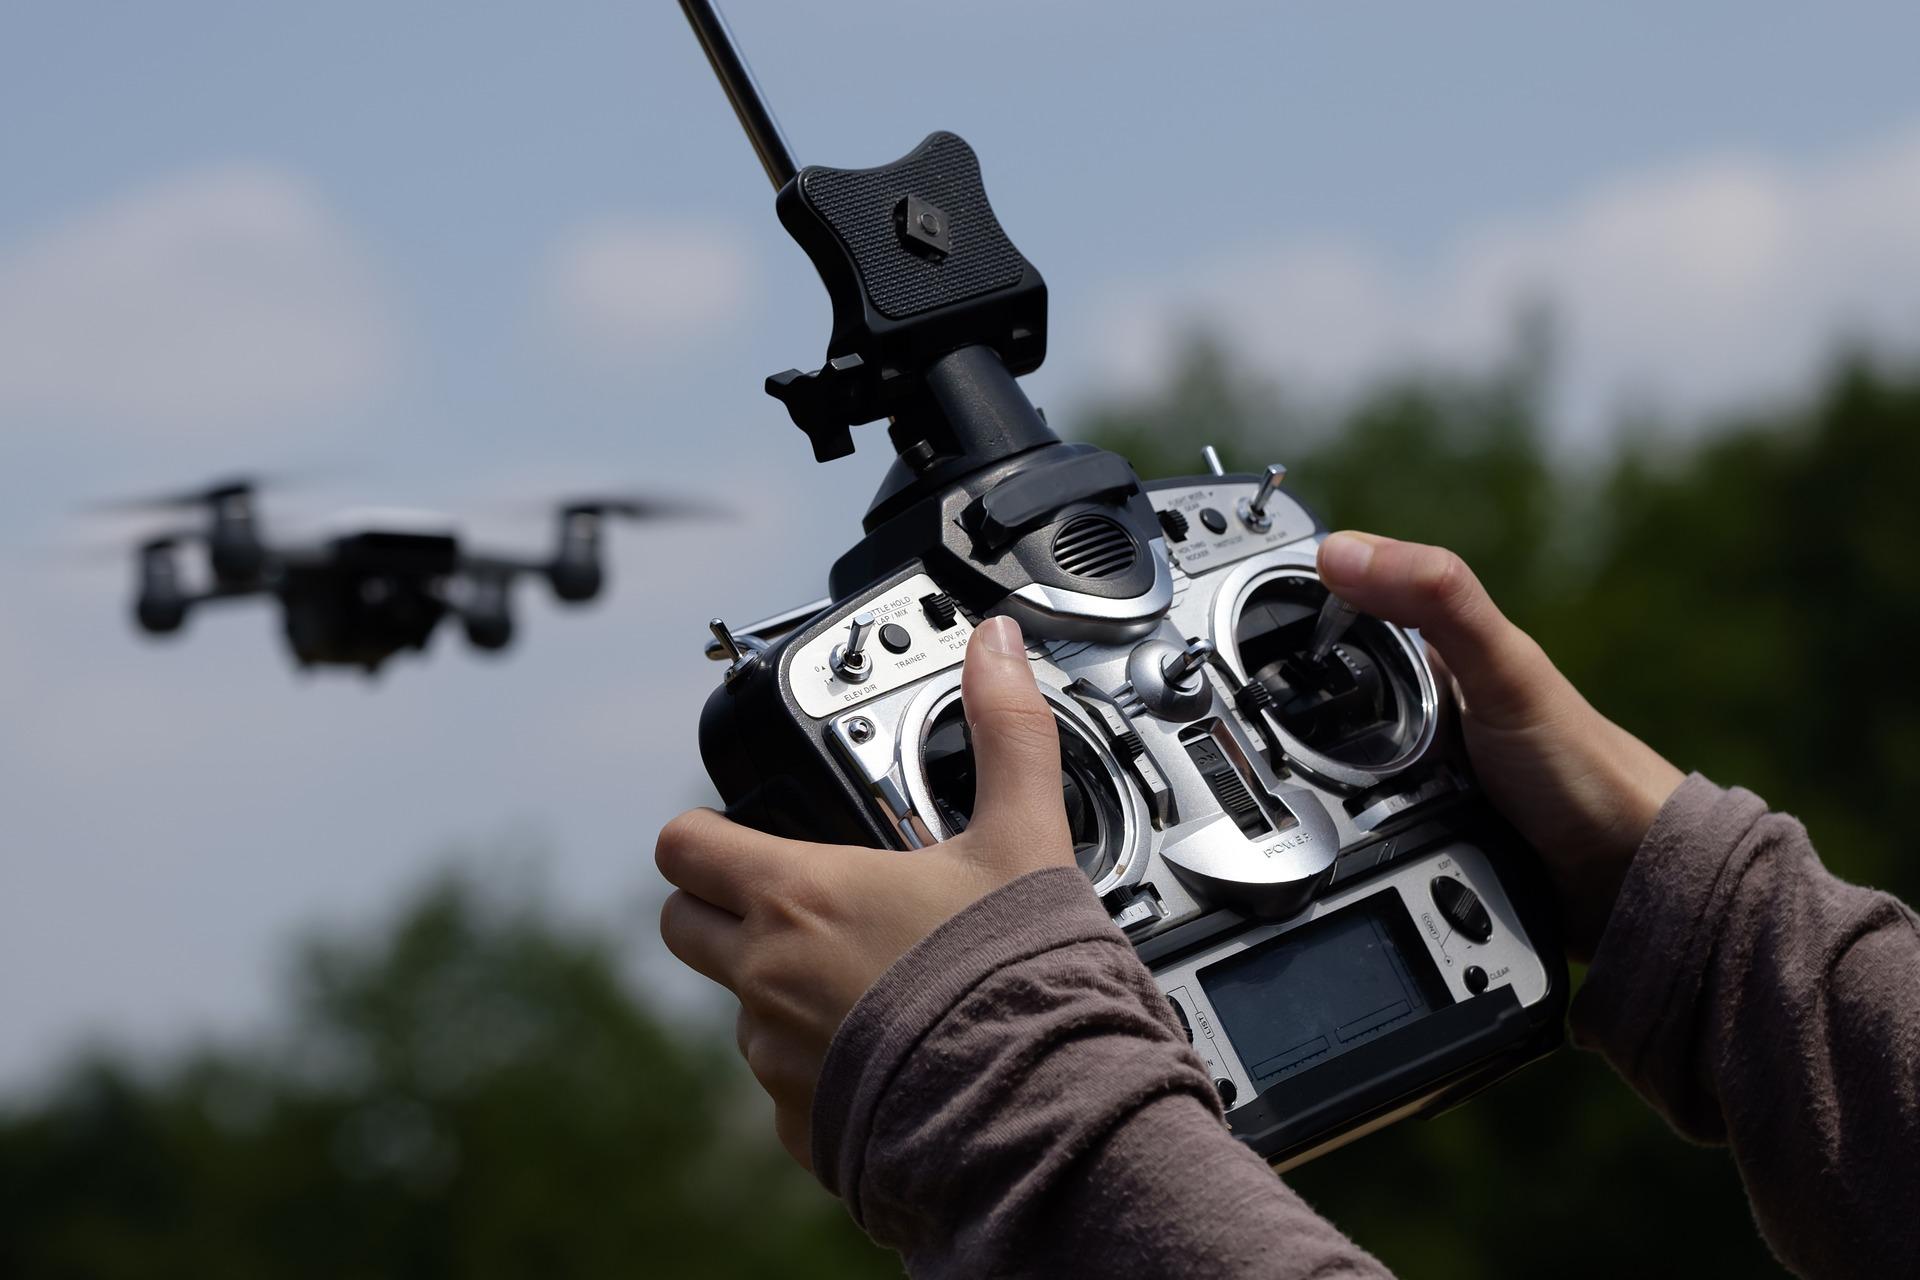 Drohnen im jagdlichen Umfeld, UNIQA Experteninterview, Jagdfakten.at